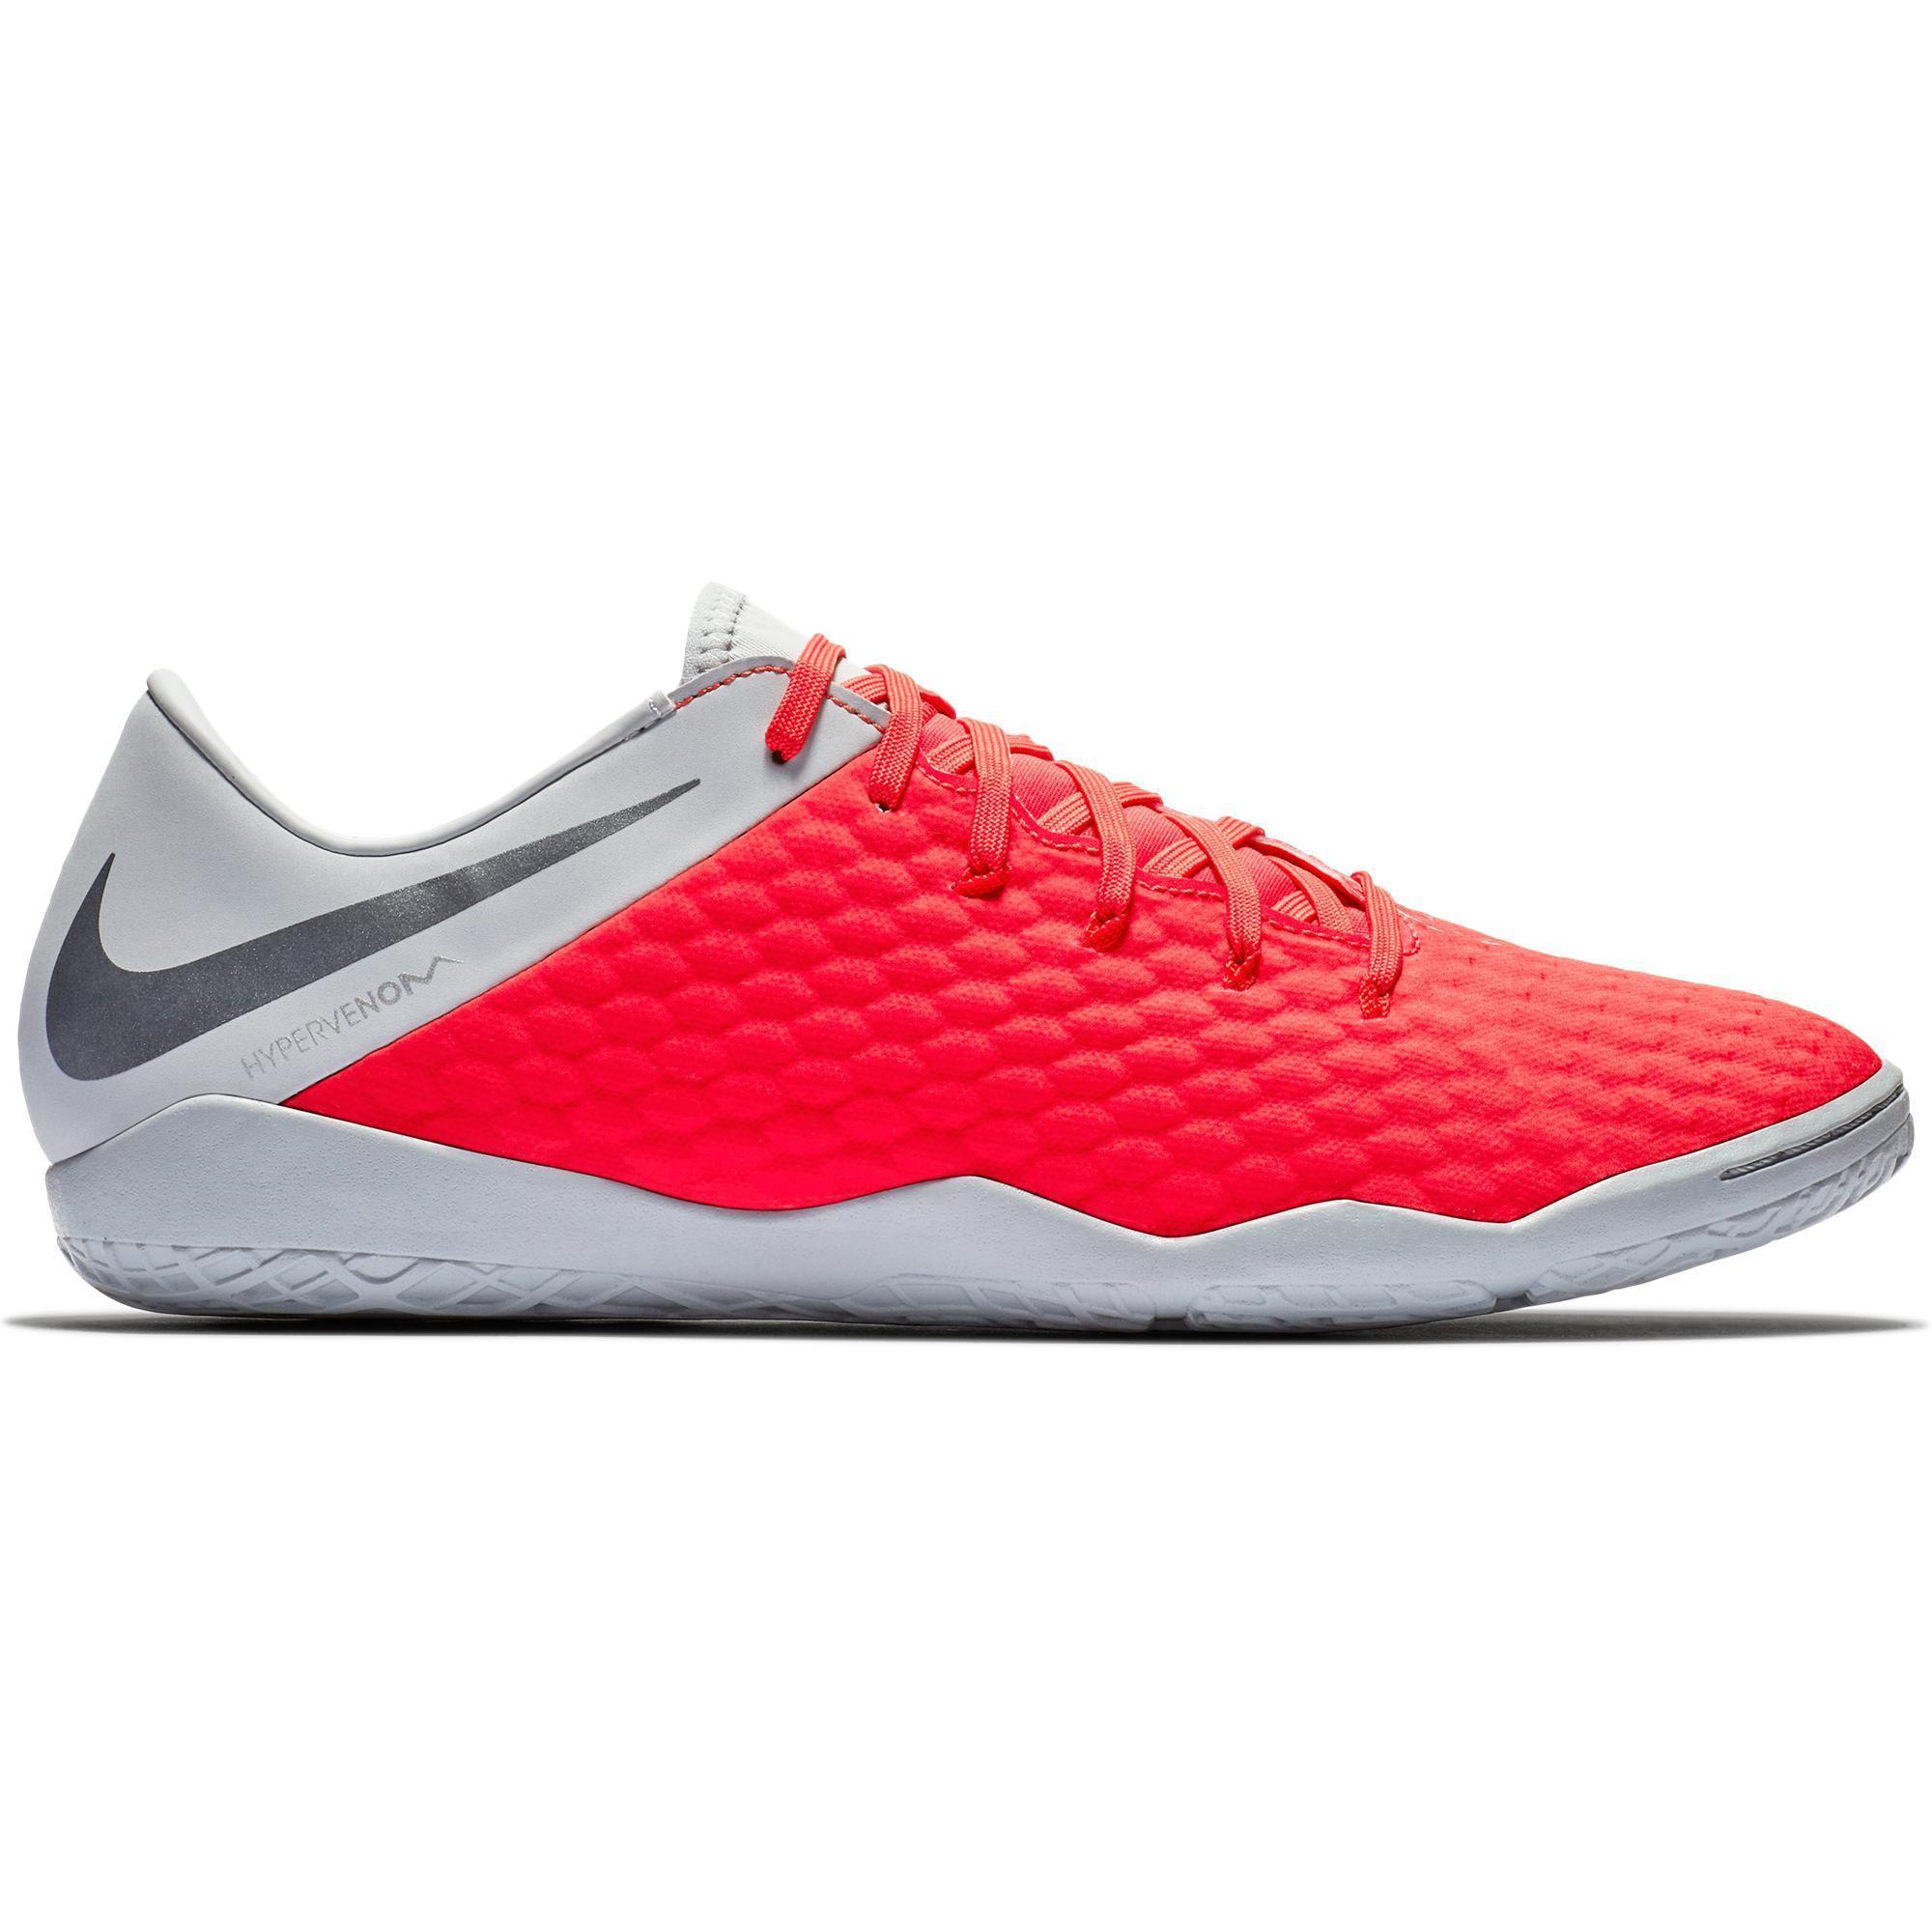 f3891256341 Nike Zaalvoetbalschoenen Hypervenom Phantom III Academy IC volwassenen  grijs/rood